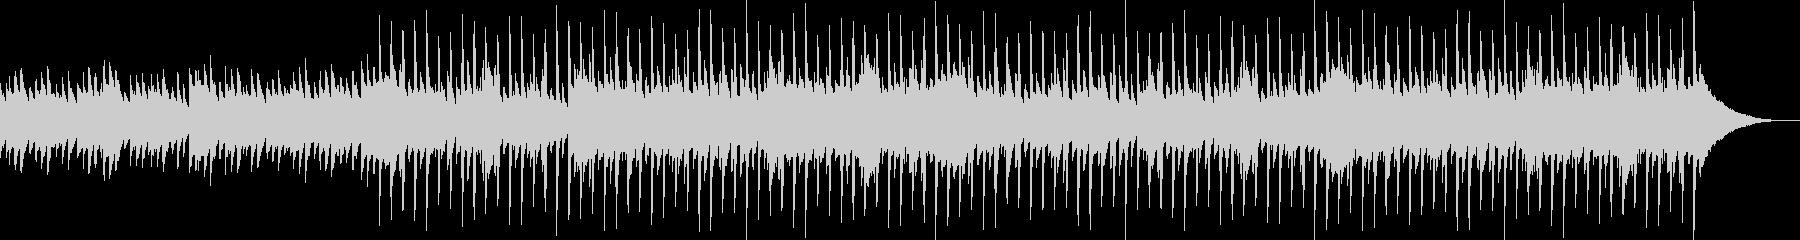 企業VP系56、爽やか、ピアノ4つ打ちaの未再生の波形